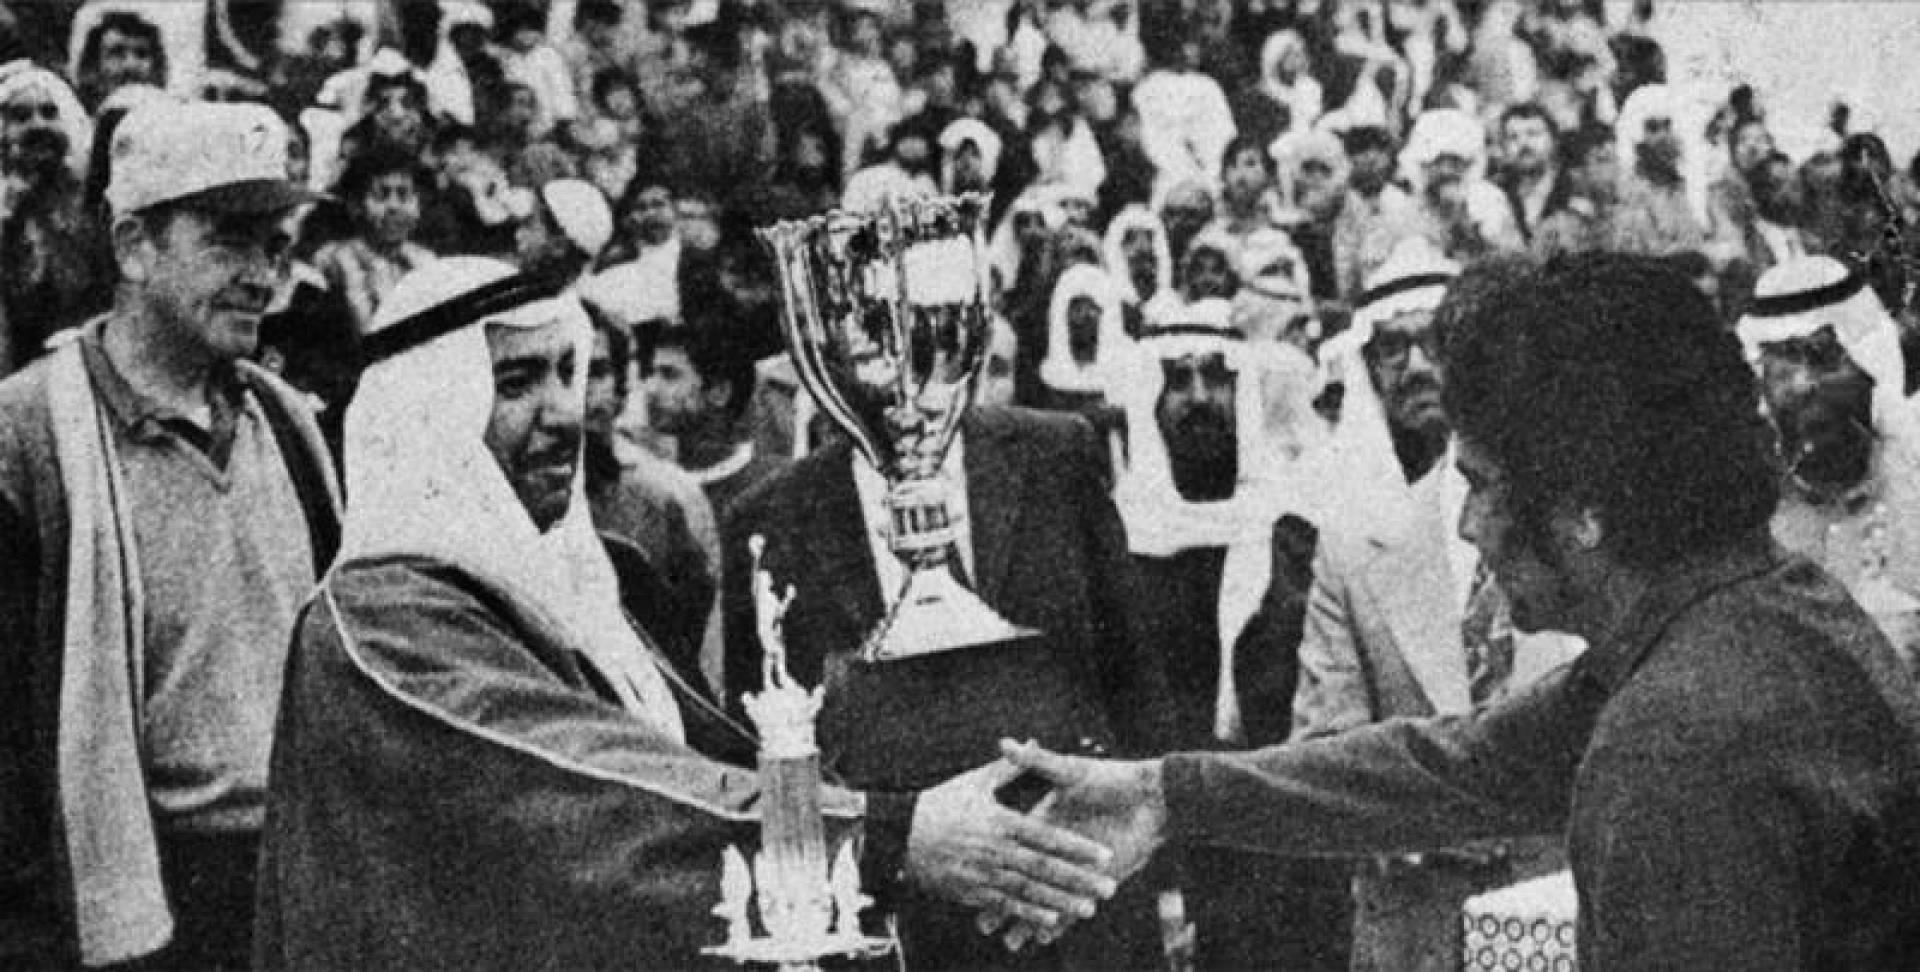 محافظ الأحمدي يسلم كأسه ليوسف السليم.. أرشيفية